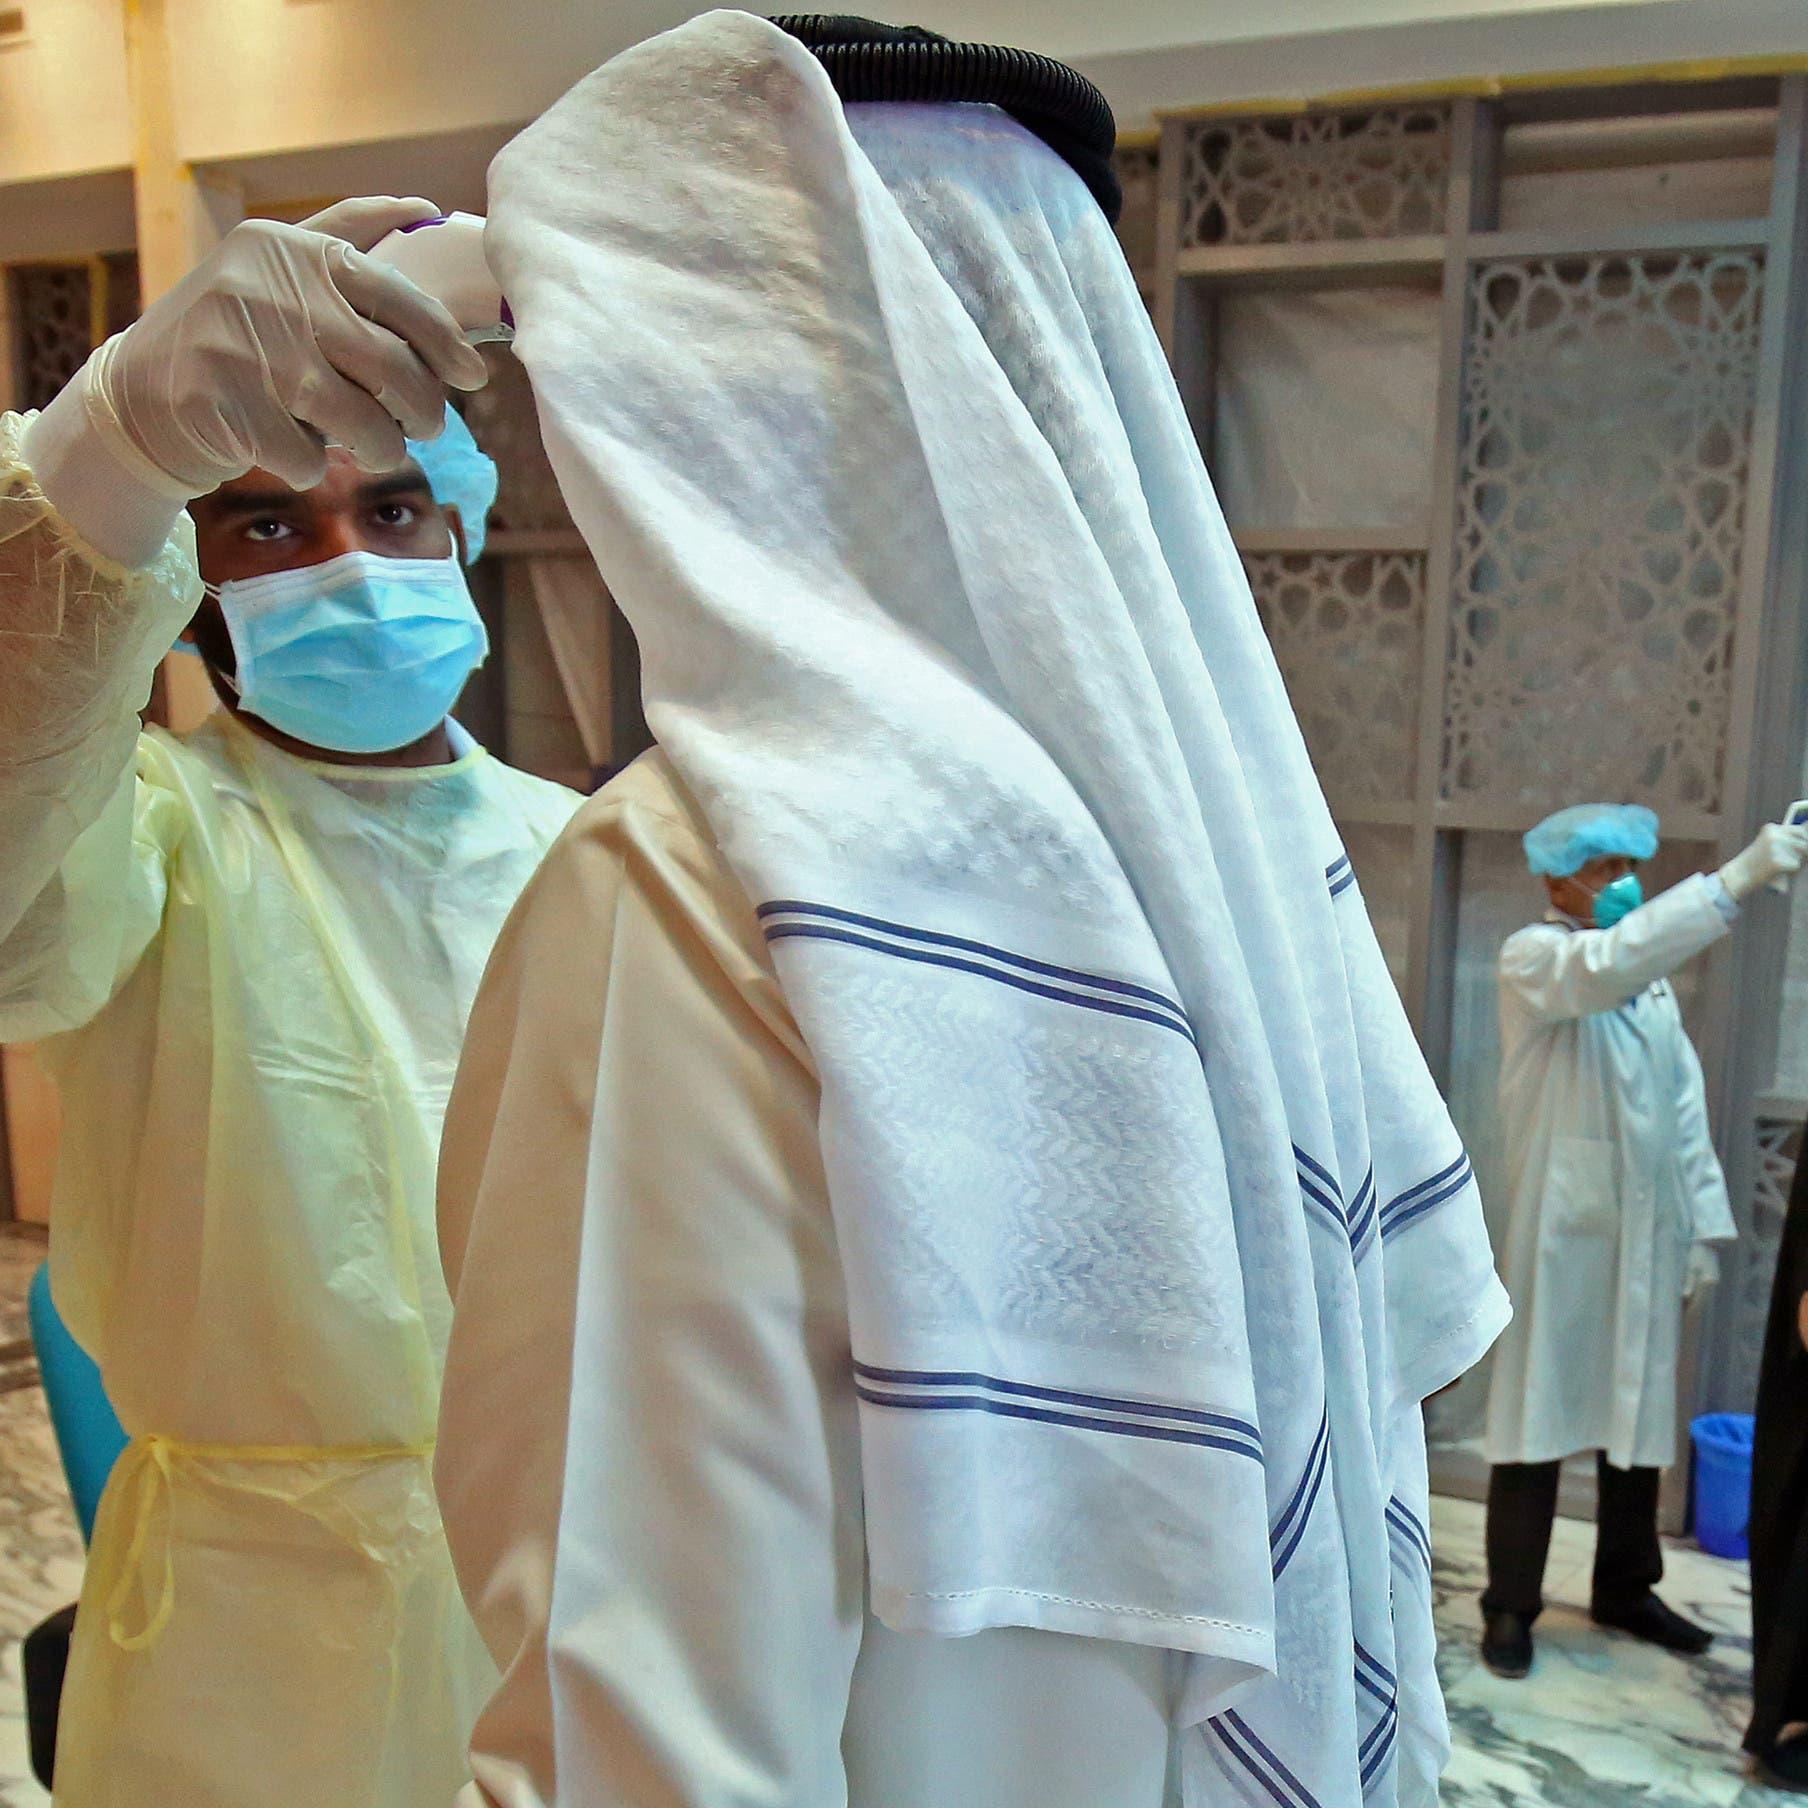 شفاء 4 سعوديين من كورونا بعد خروجهم من الحجر بالبحرين